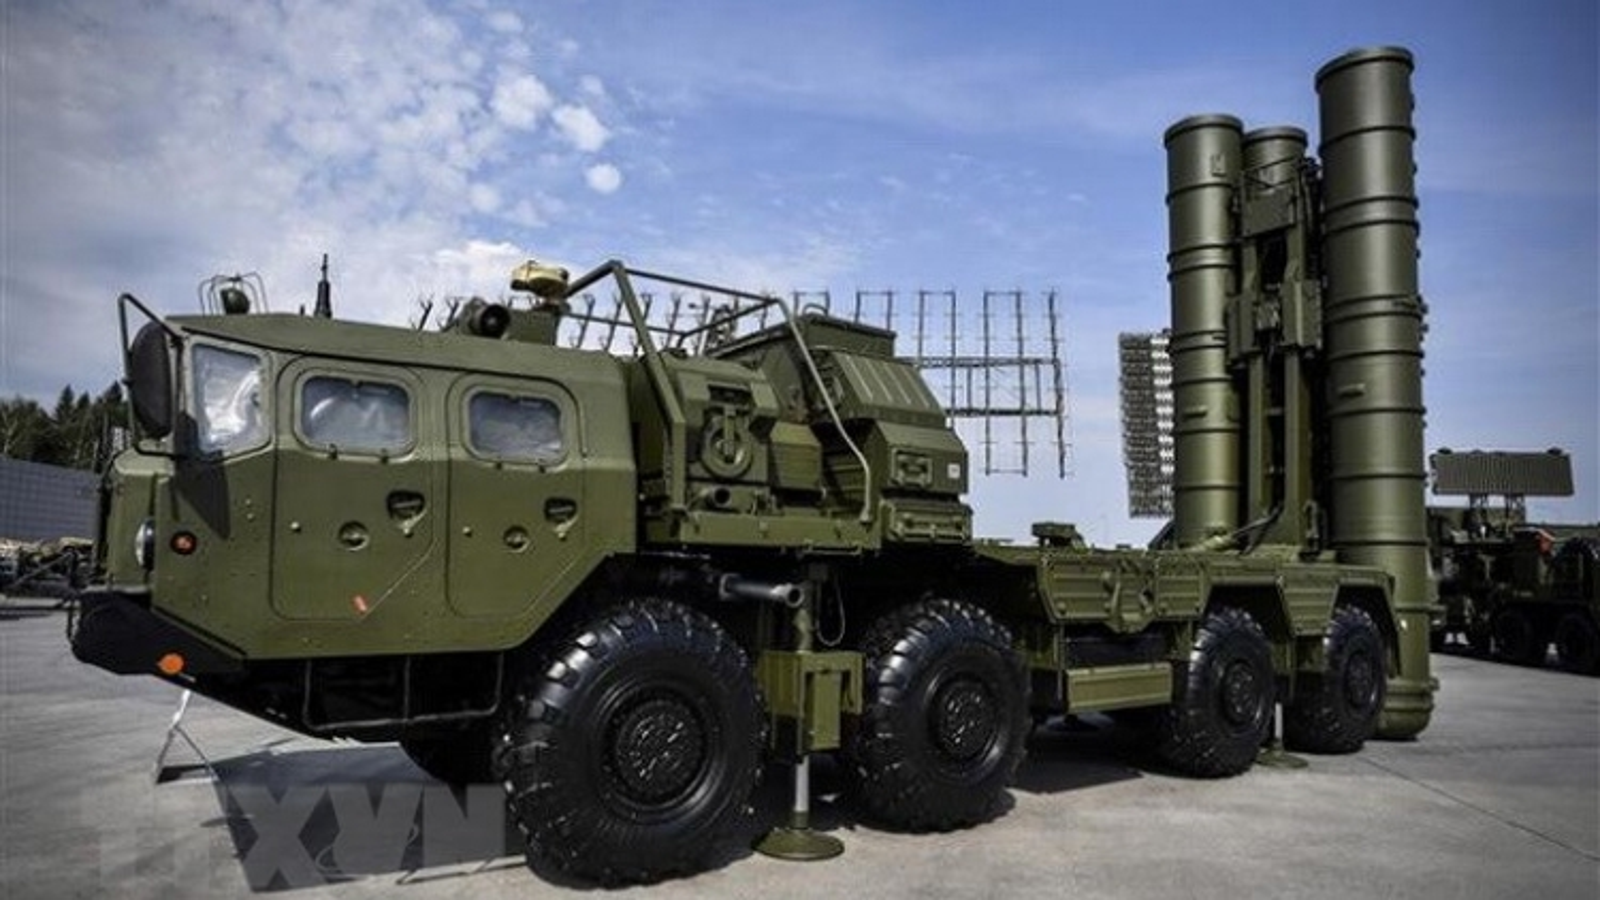 Mỹ kêu gọi Thổ Nhĩ Kỳ và đồng minh không mua thêm vũ khí của Nga